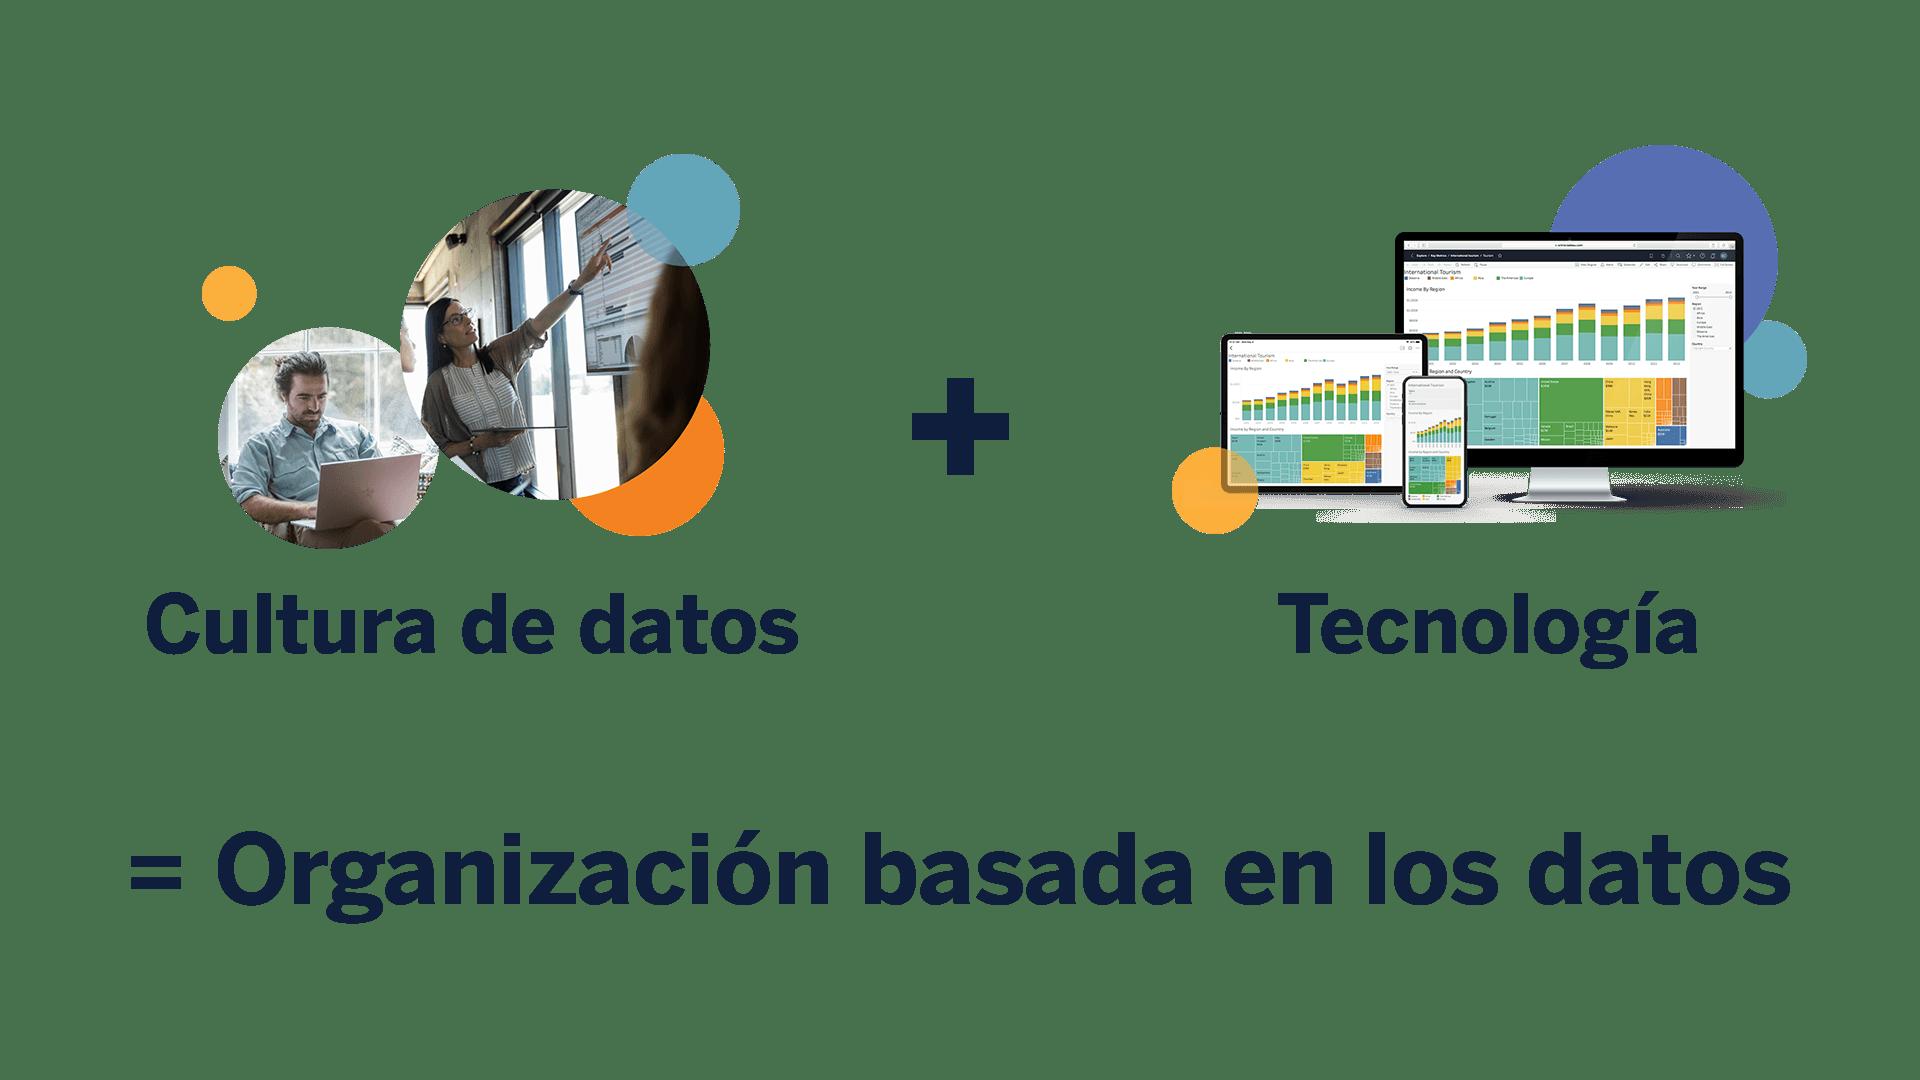 La cultura de datos y la tecnología convierten a una empresa en una organización basada en los datos